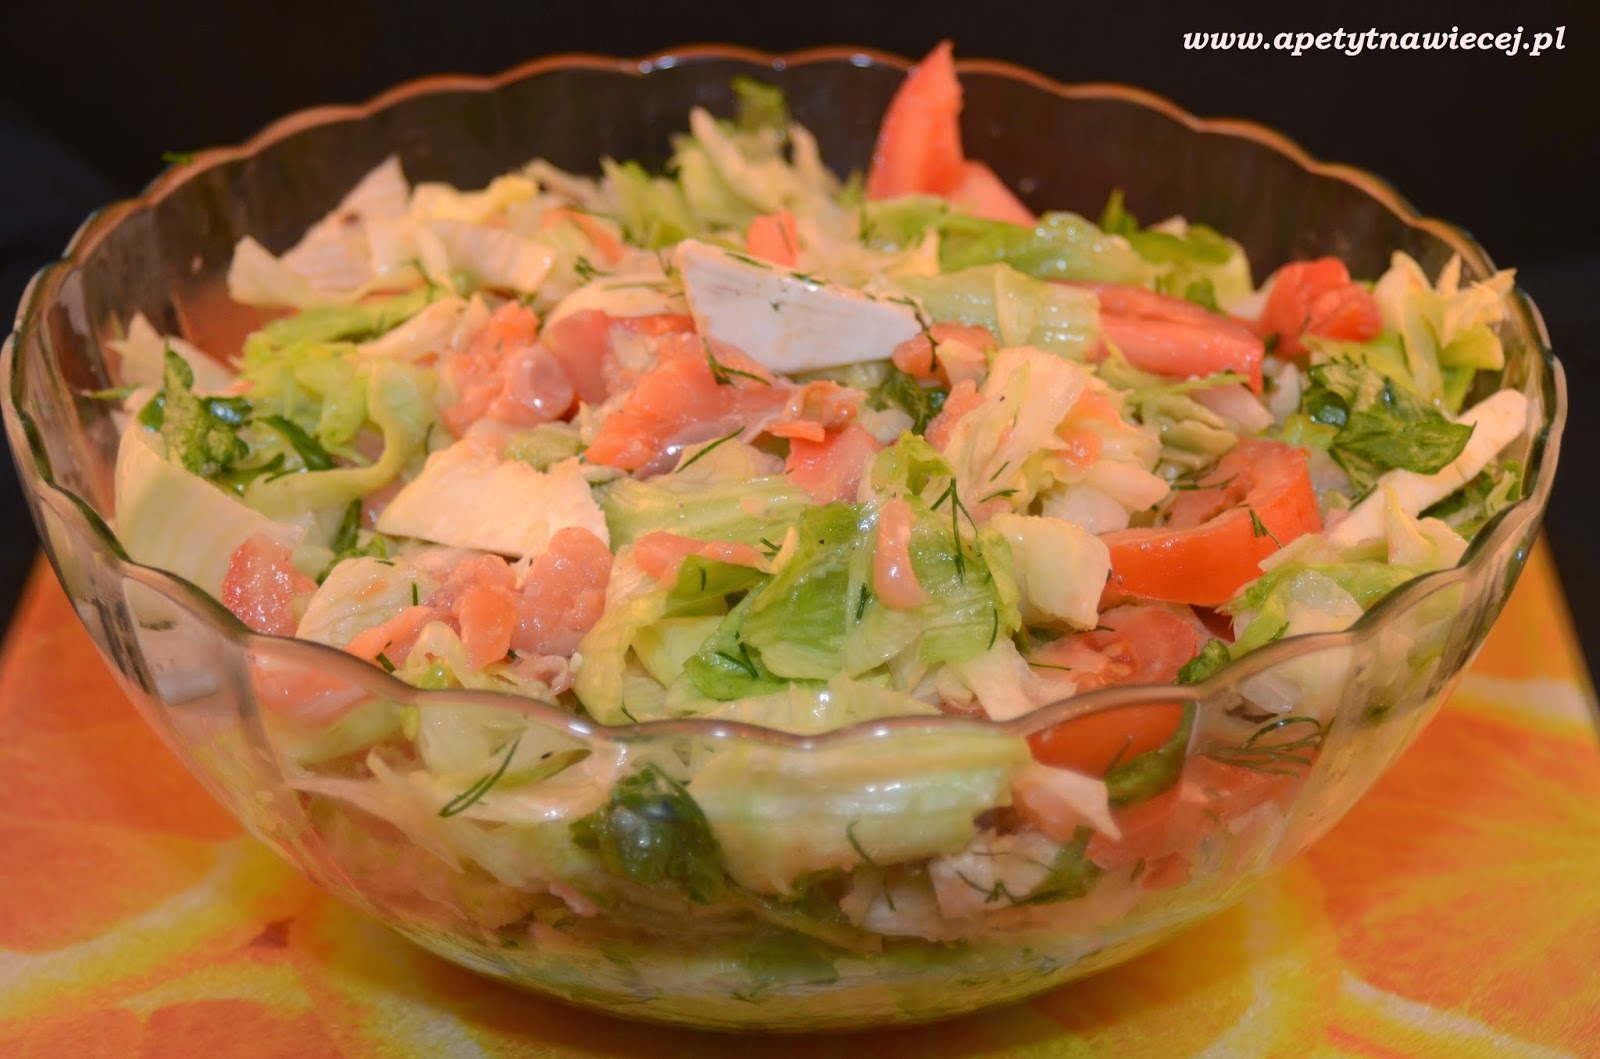 Салат из рыбы рецепты простые и вкусные